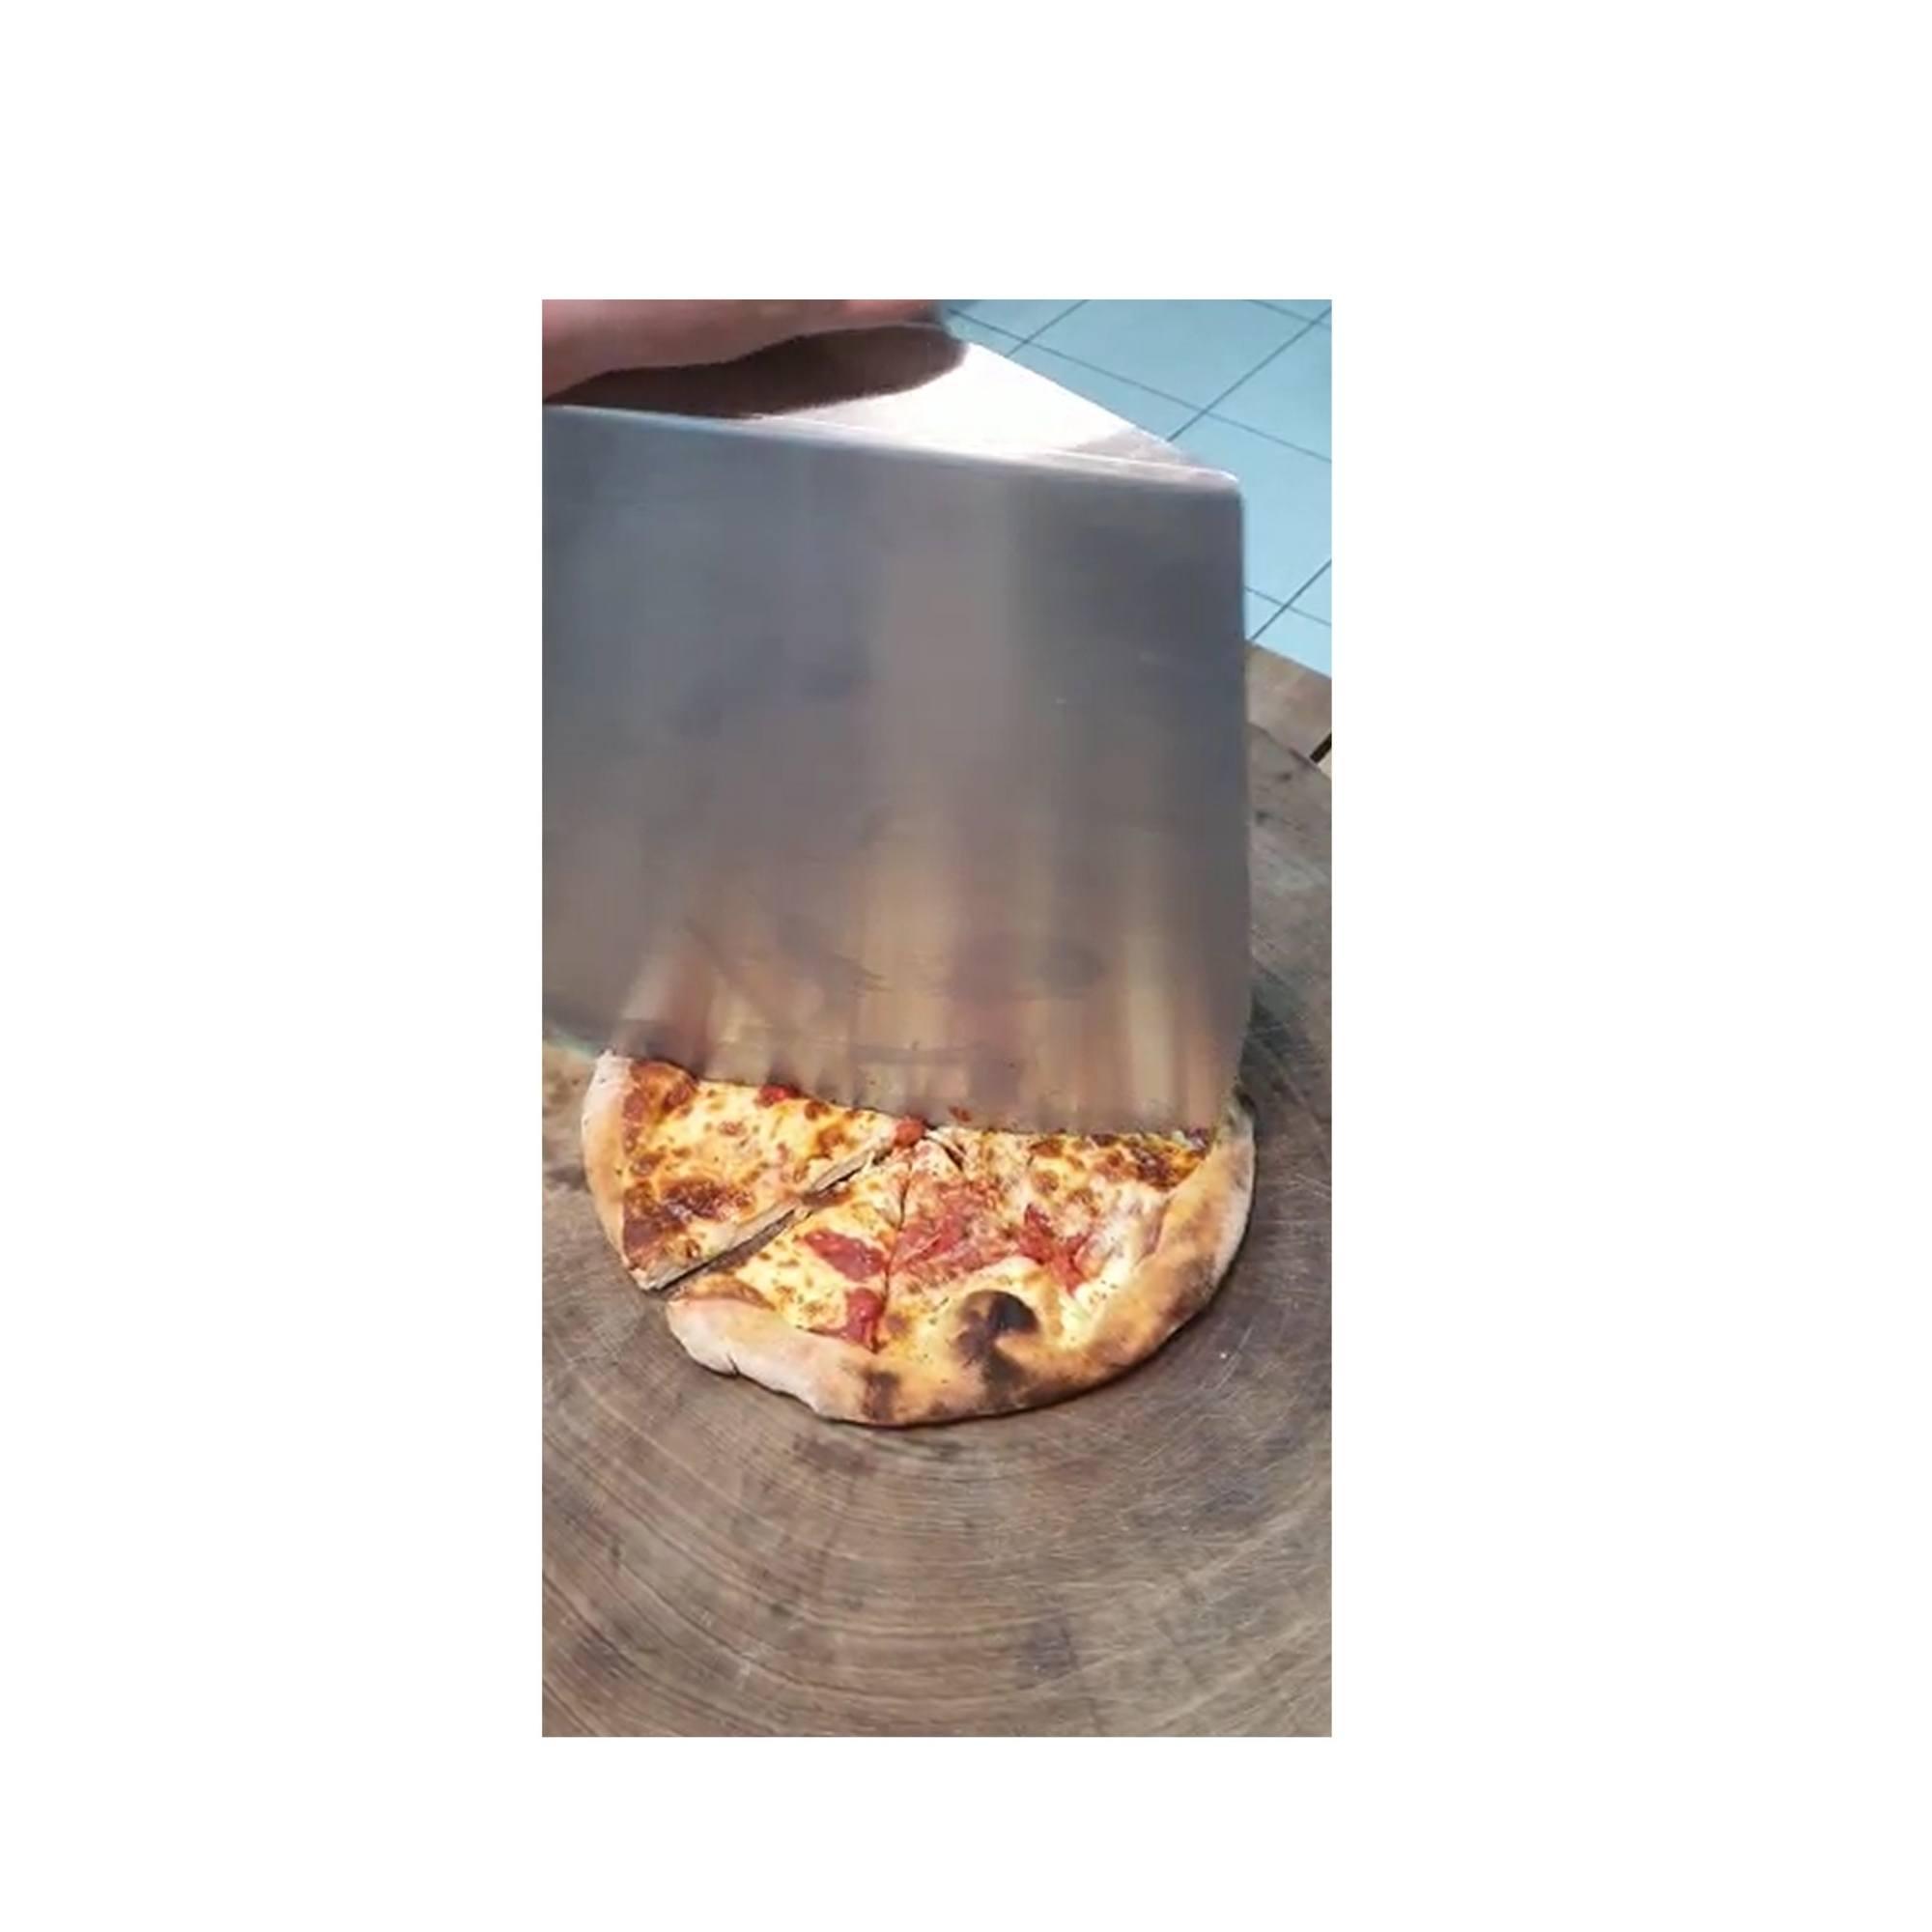 Pá e Cortadora de pizza Dupla função Inox Premium  - Sua Casa Gourmet e Cia